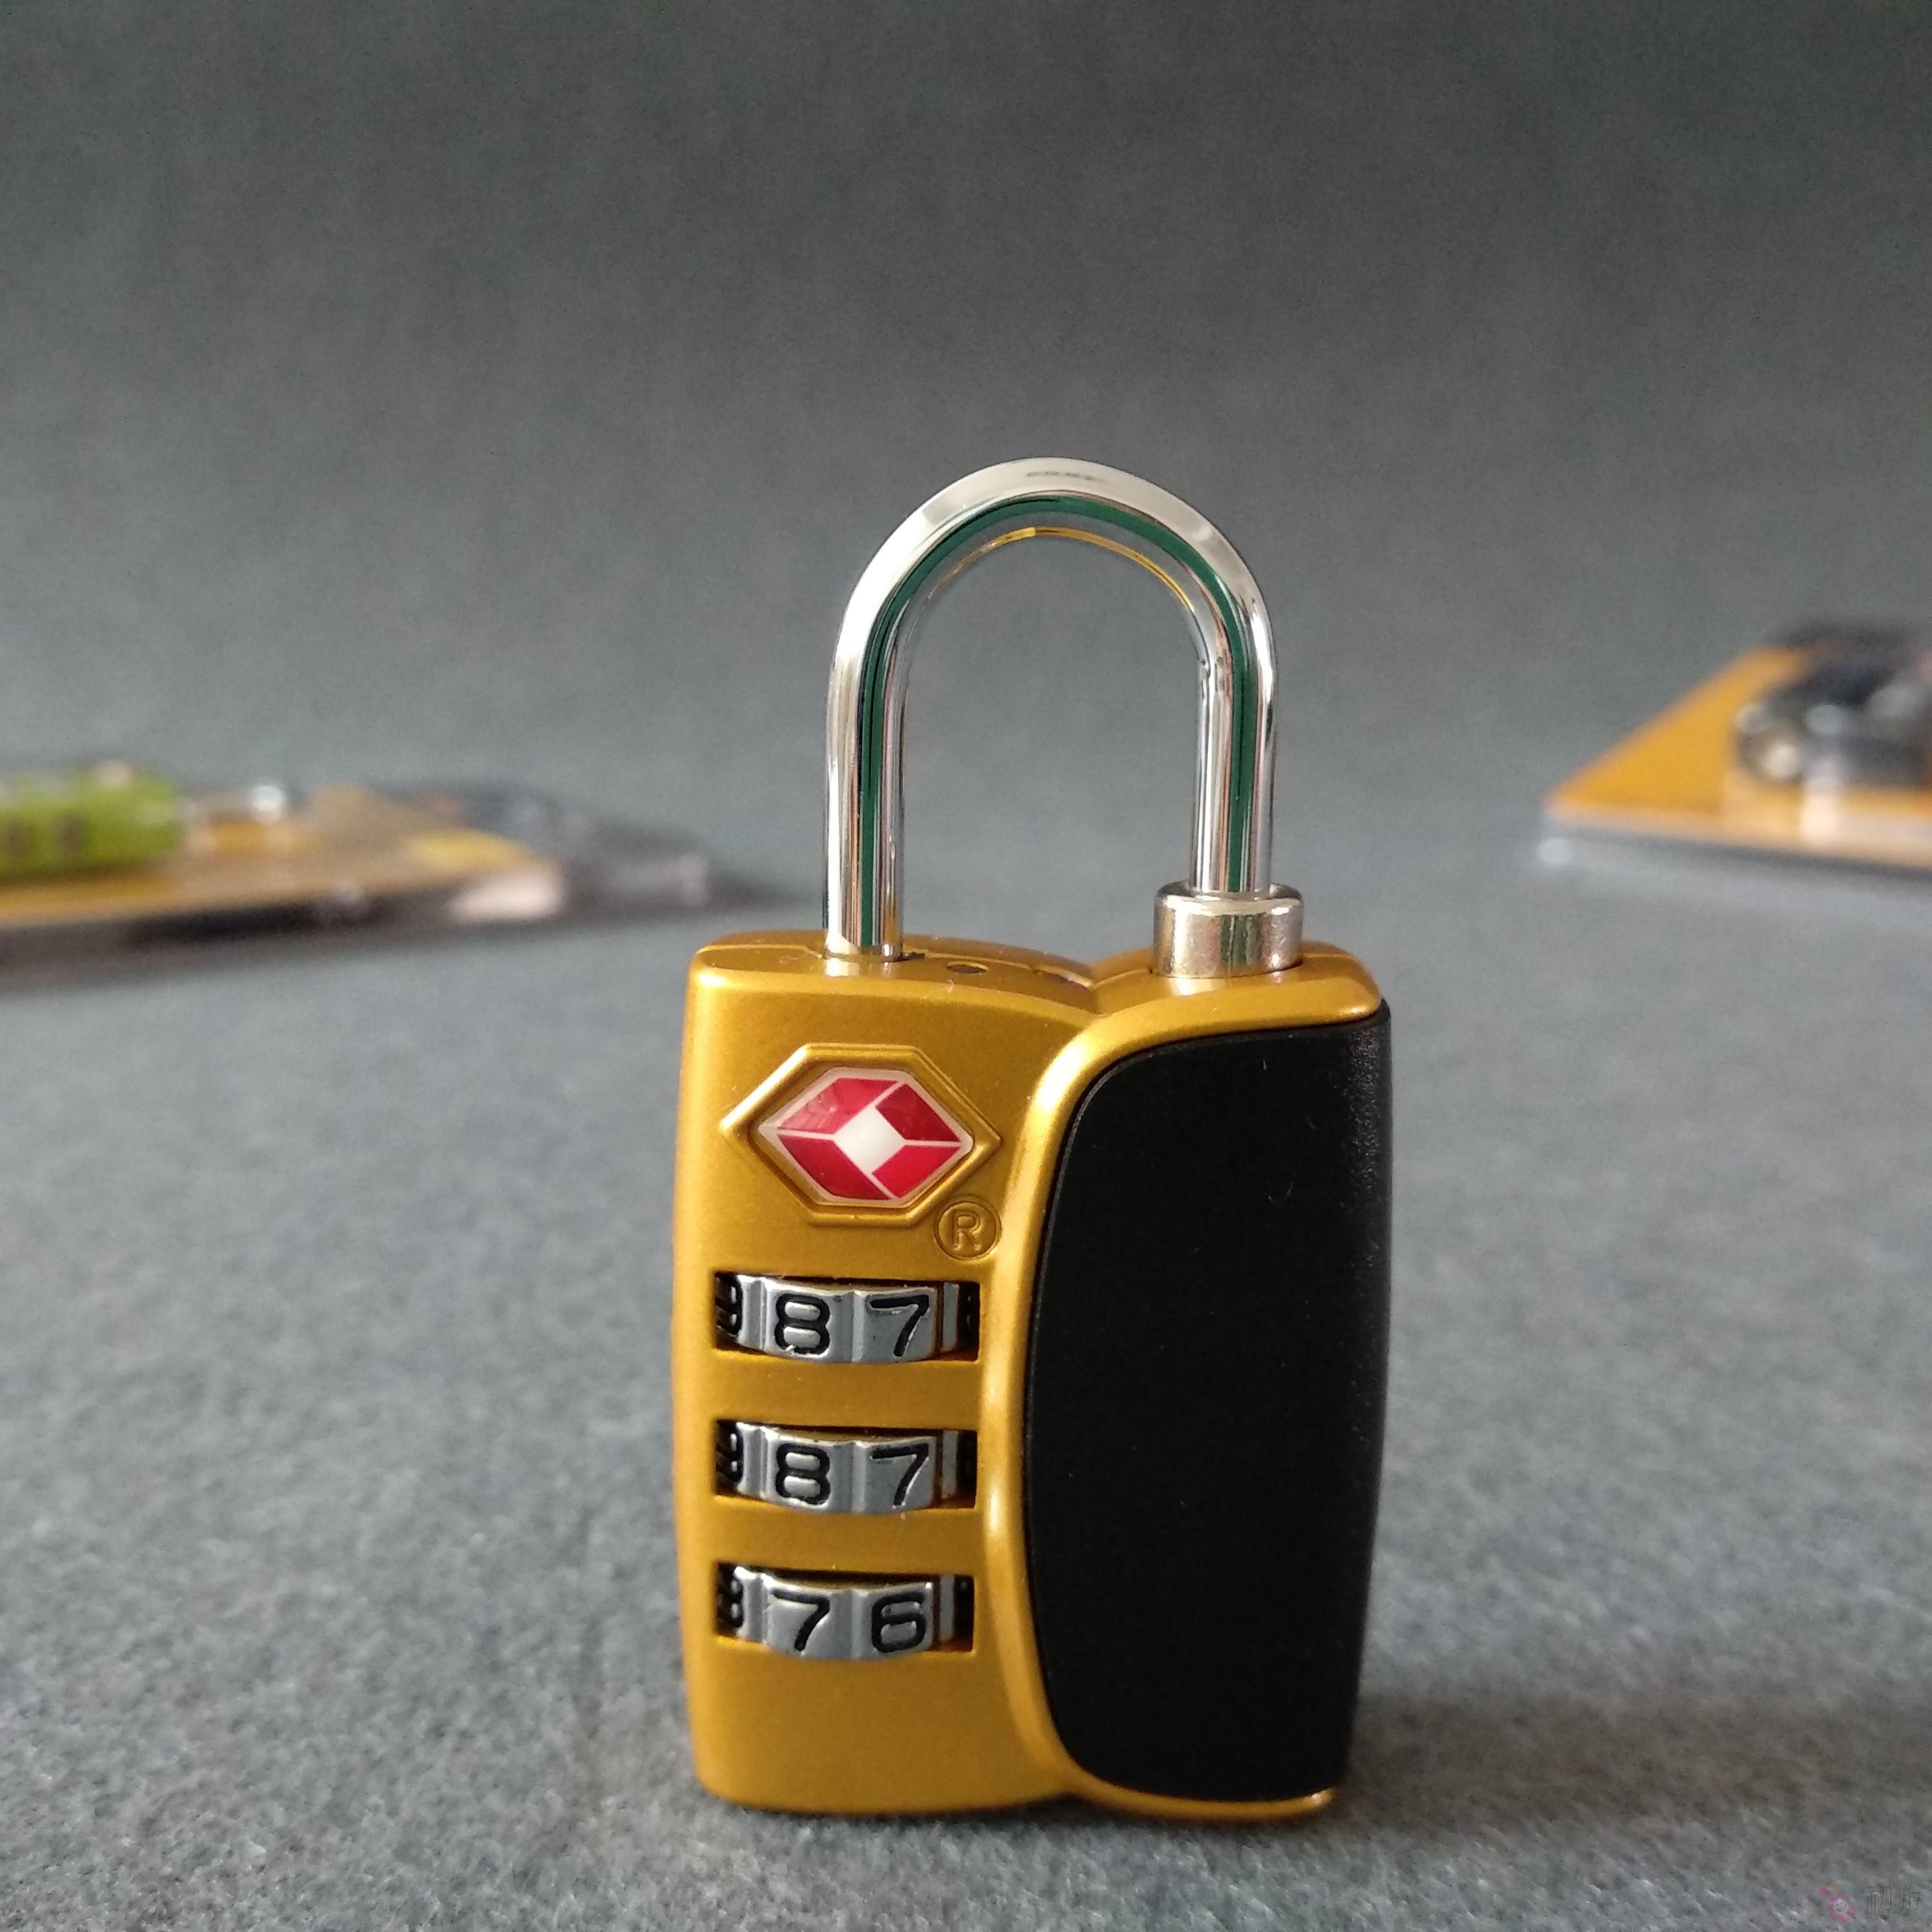 Путешествие TSA таможенные замок кража багажник род коробки кожаный чемодан рюкзак без ключ из пароль замок мешки запереть